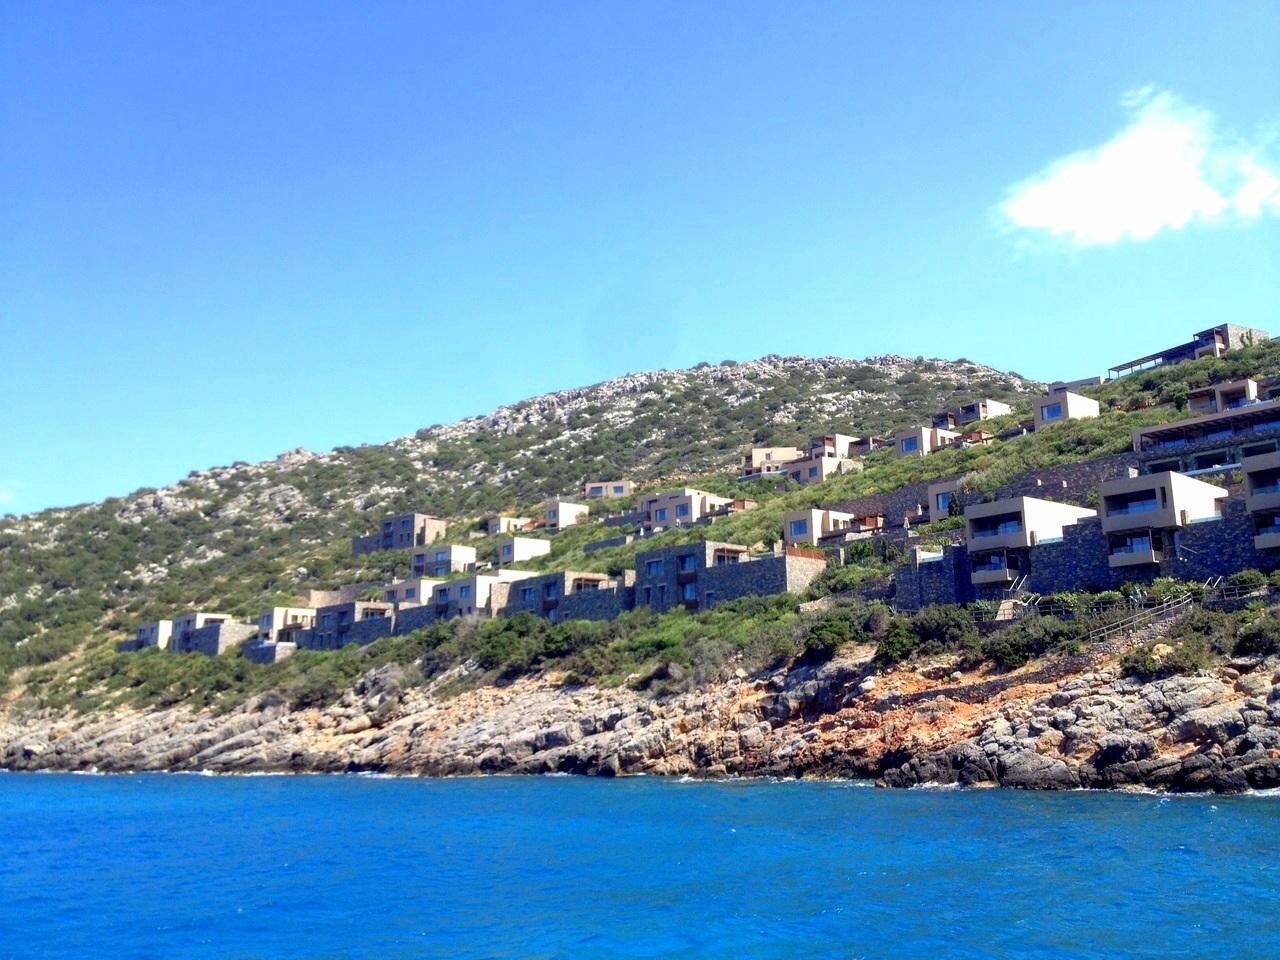 Offroad auf Kreta unterwegs   Land Rover Adventure Tour Greece 2015 sonne land und leute griechenland europa  tui berlin kreta kat daios bucht1